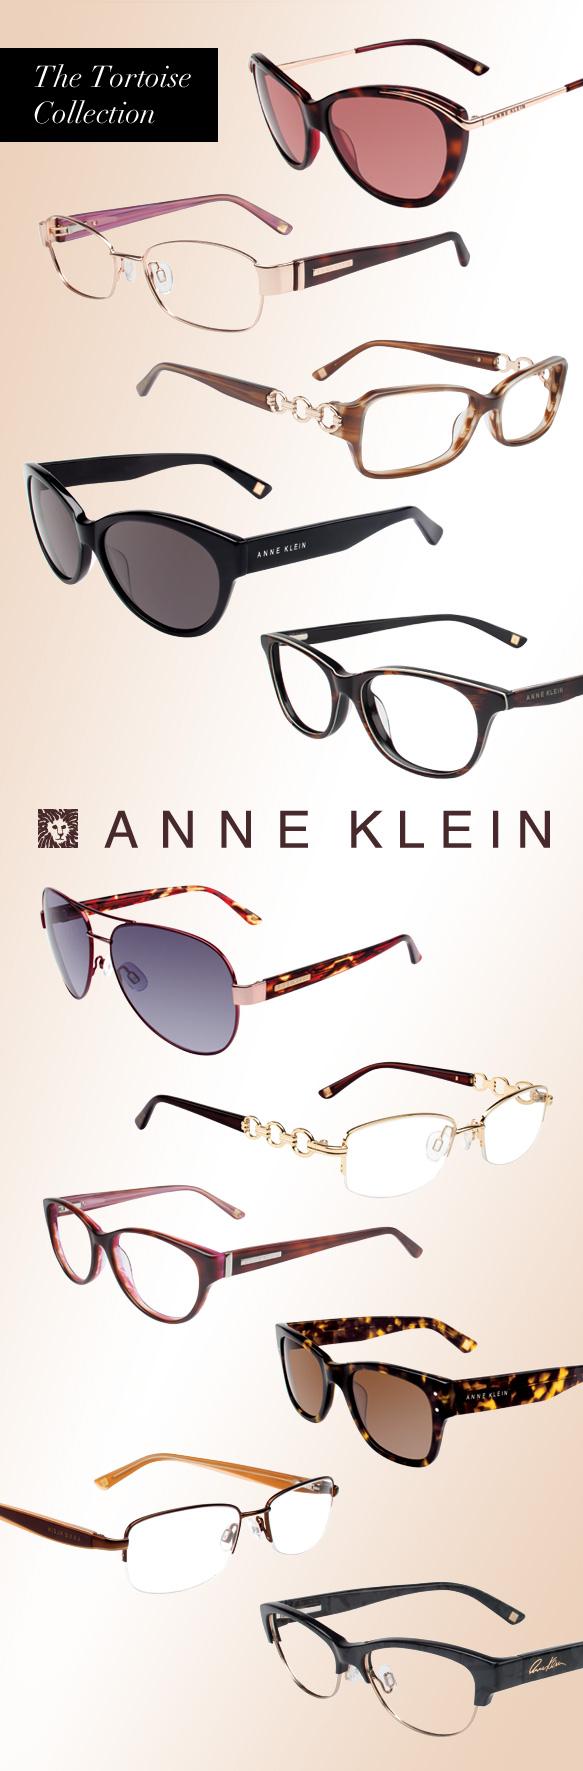 Anne Klein Debuts New Eyewear Collections – Eyecessorize